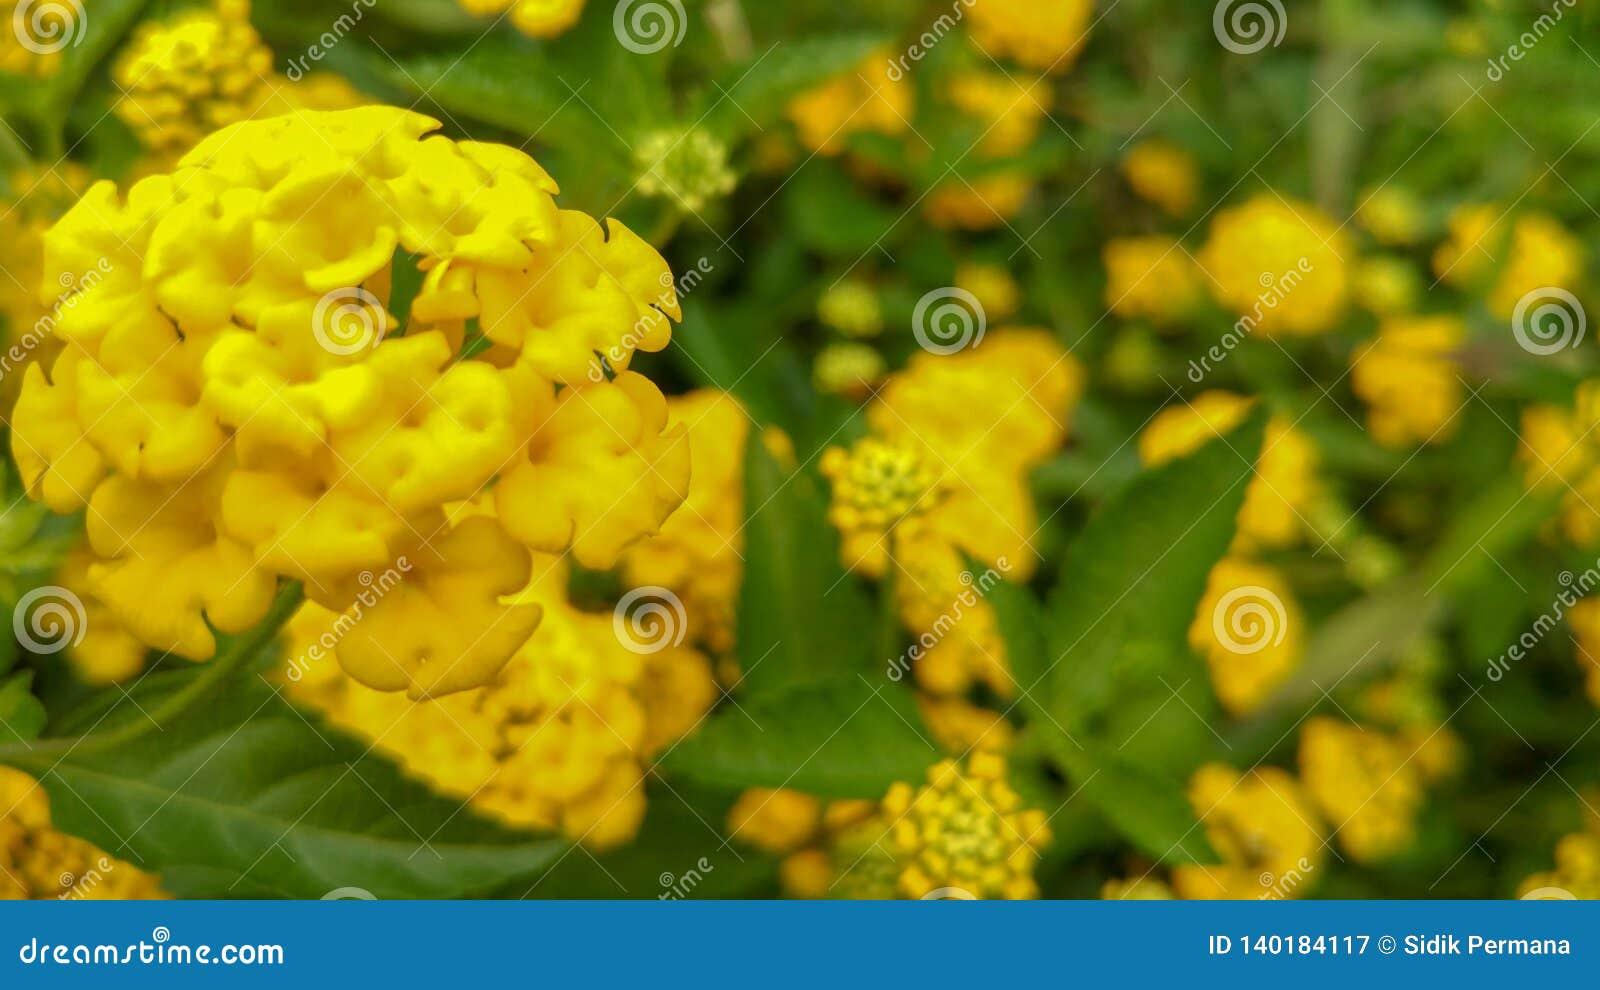 Verse en mooie gele bloemen met natuurlijke lichte achtergrond